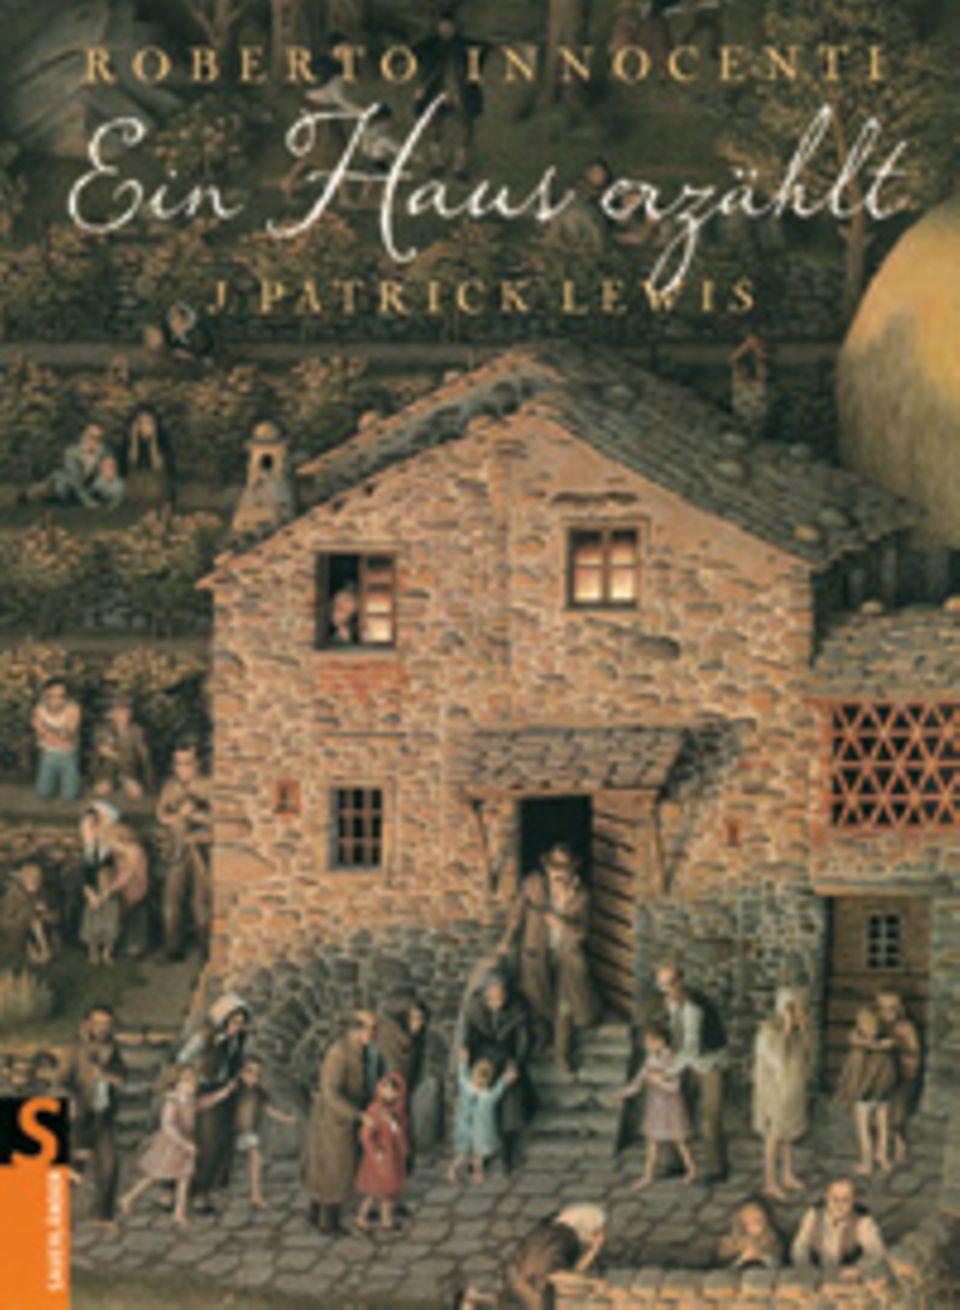 Buchtipp: Roberto Innocenti erzählt die Geschichte eines Hauses.